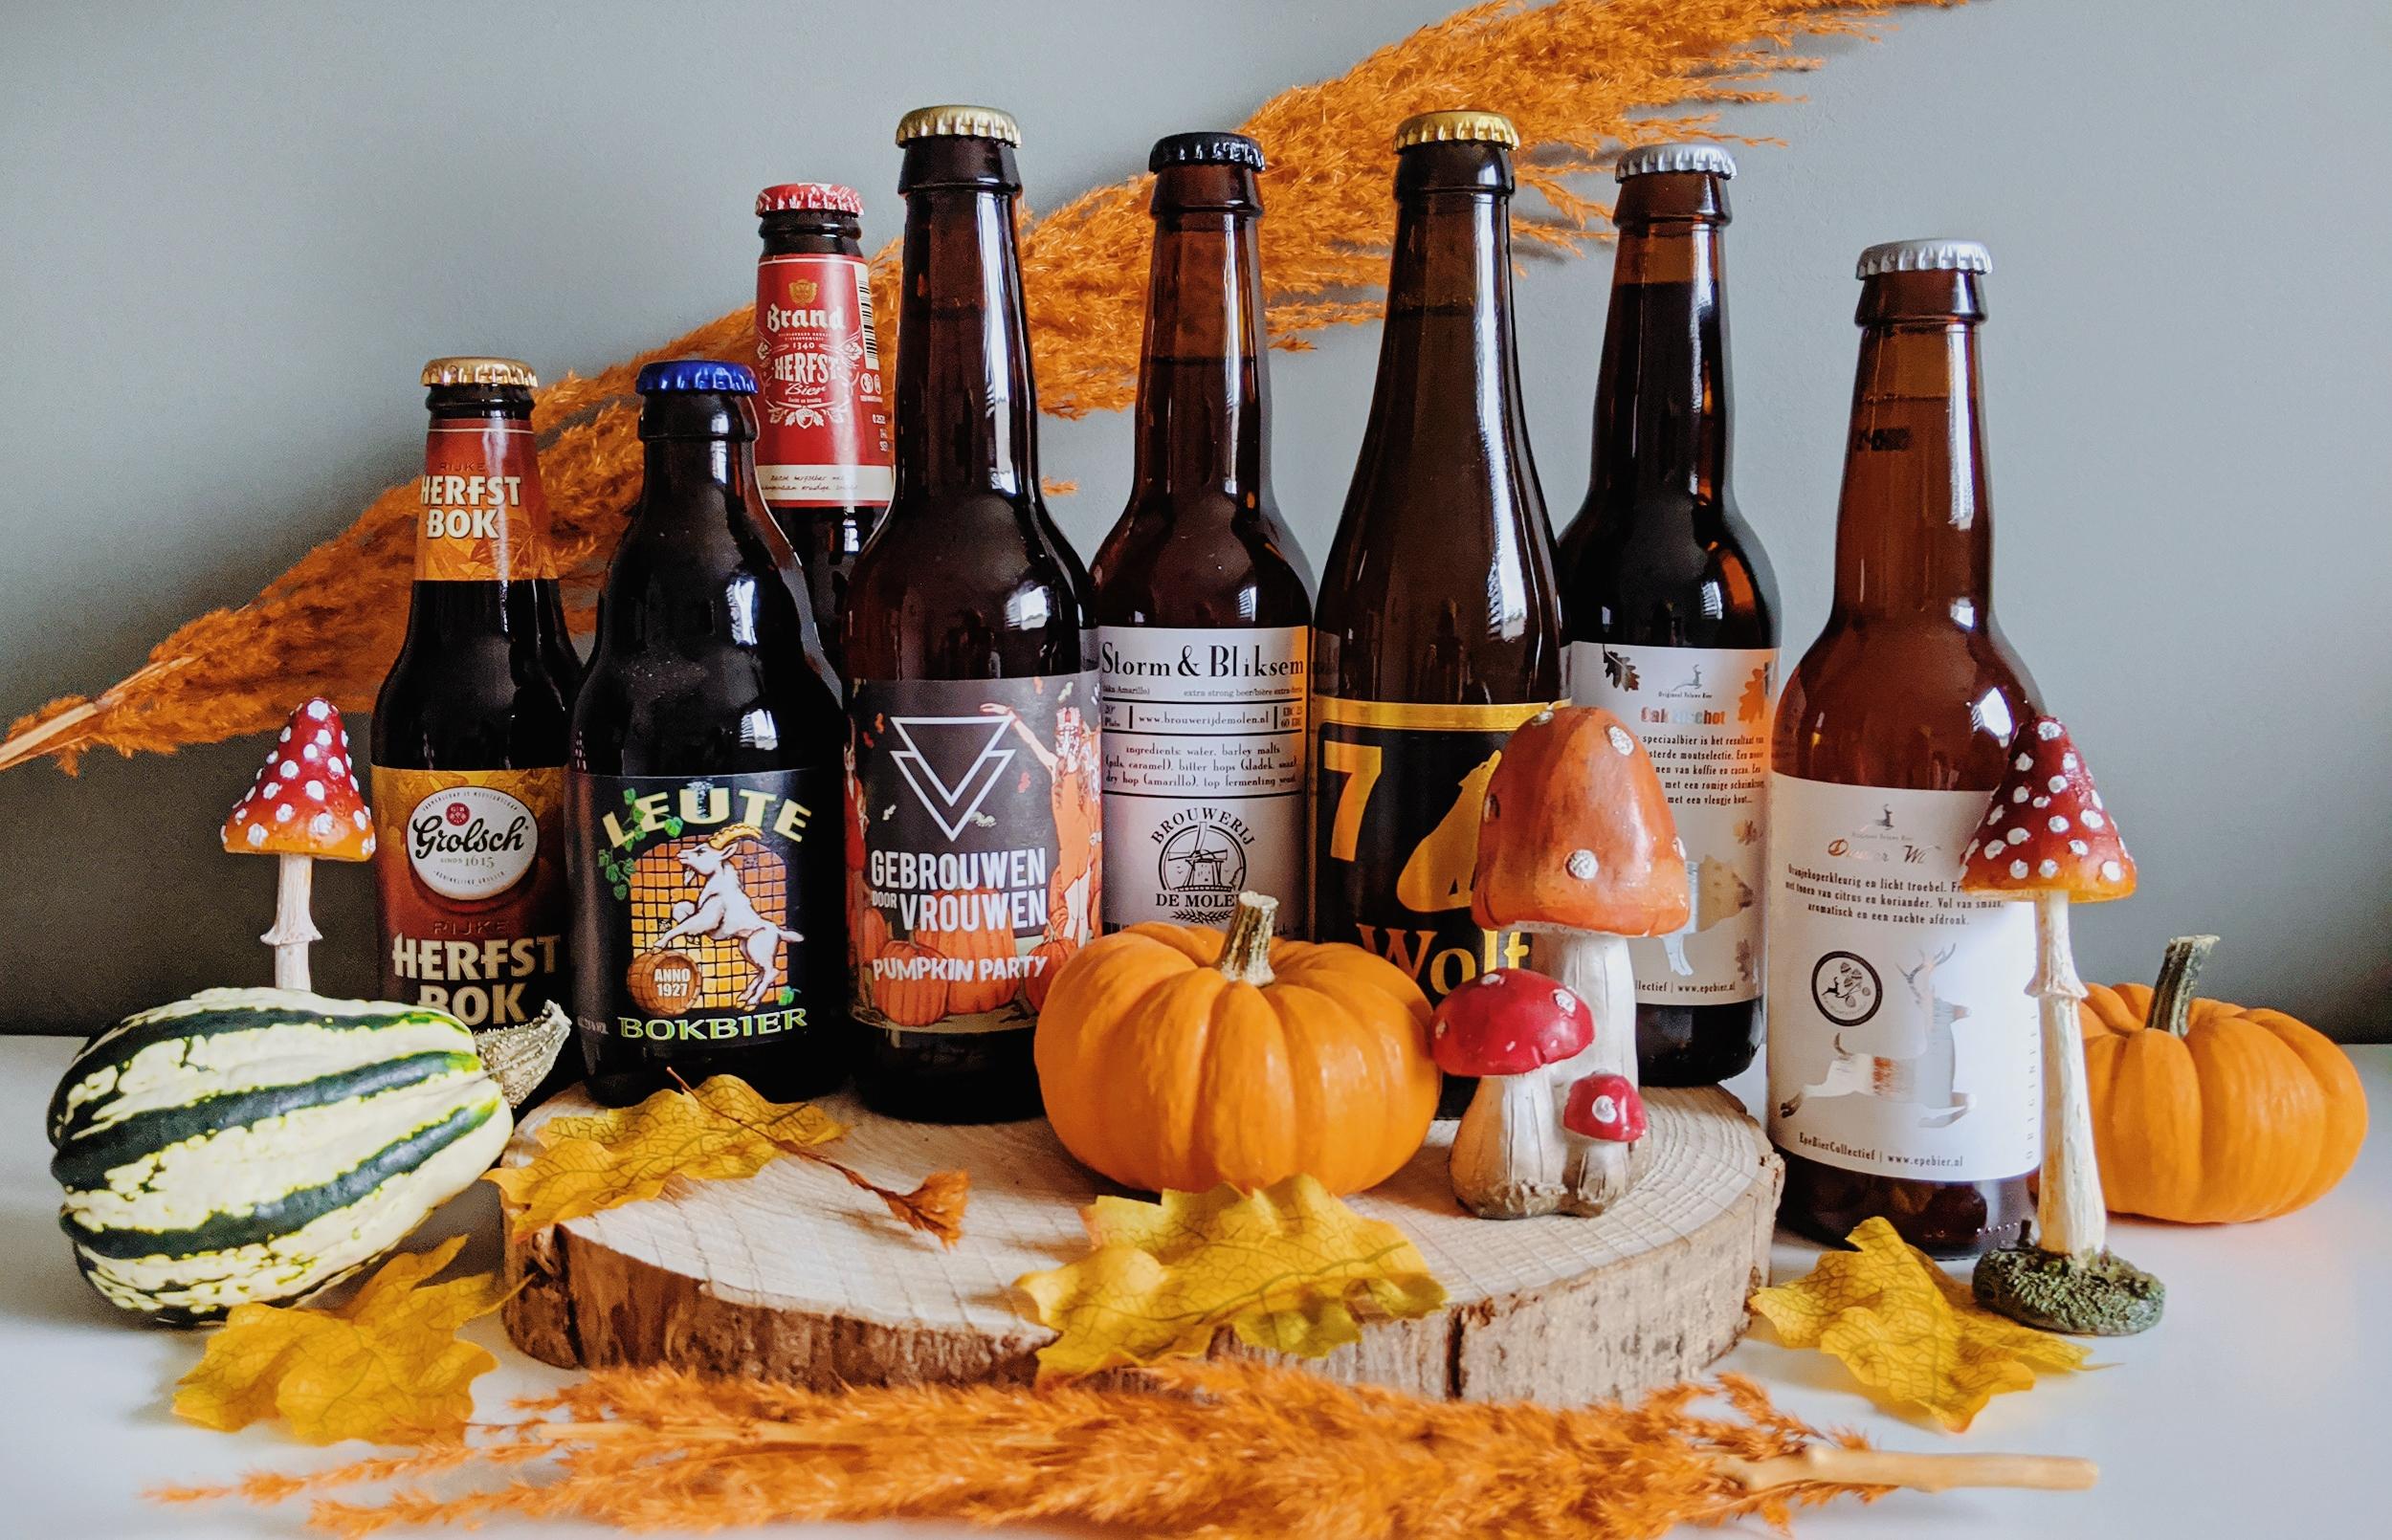 oktoberdots herfst bieren proeverij